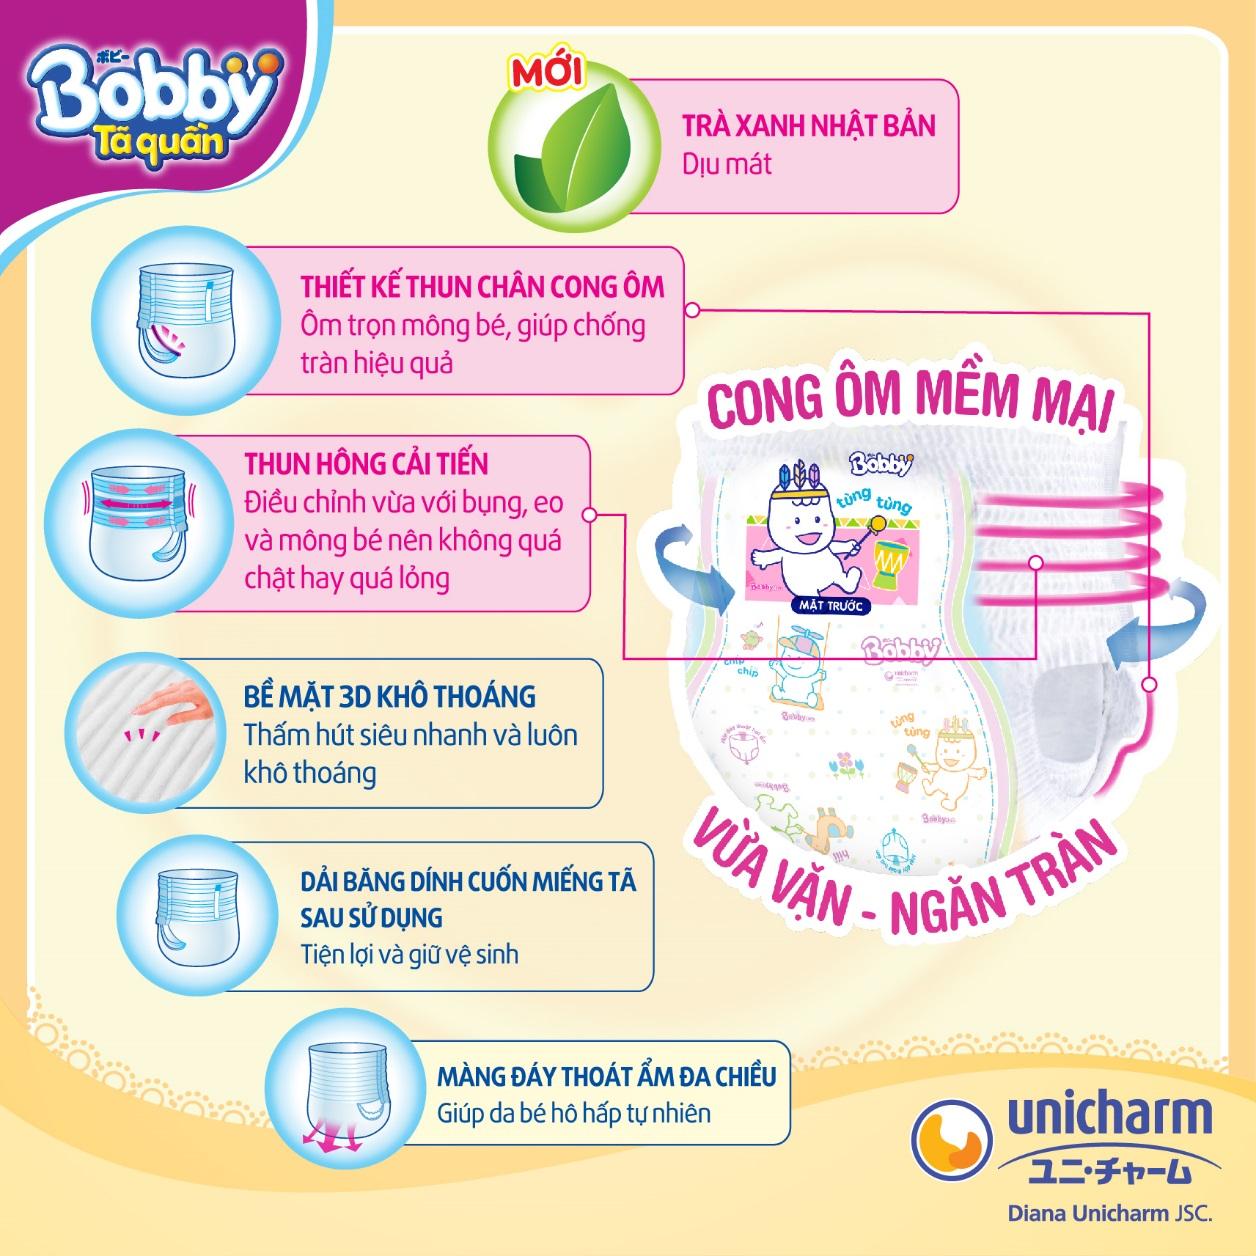 Câu chuyện thành công của Bobby – Thương hiệu tã em bé được tin cậy và ưa chuộng trong nhiều năm qua - Ảnh 2.